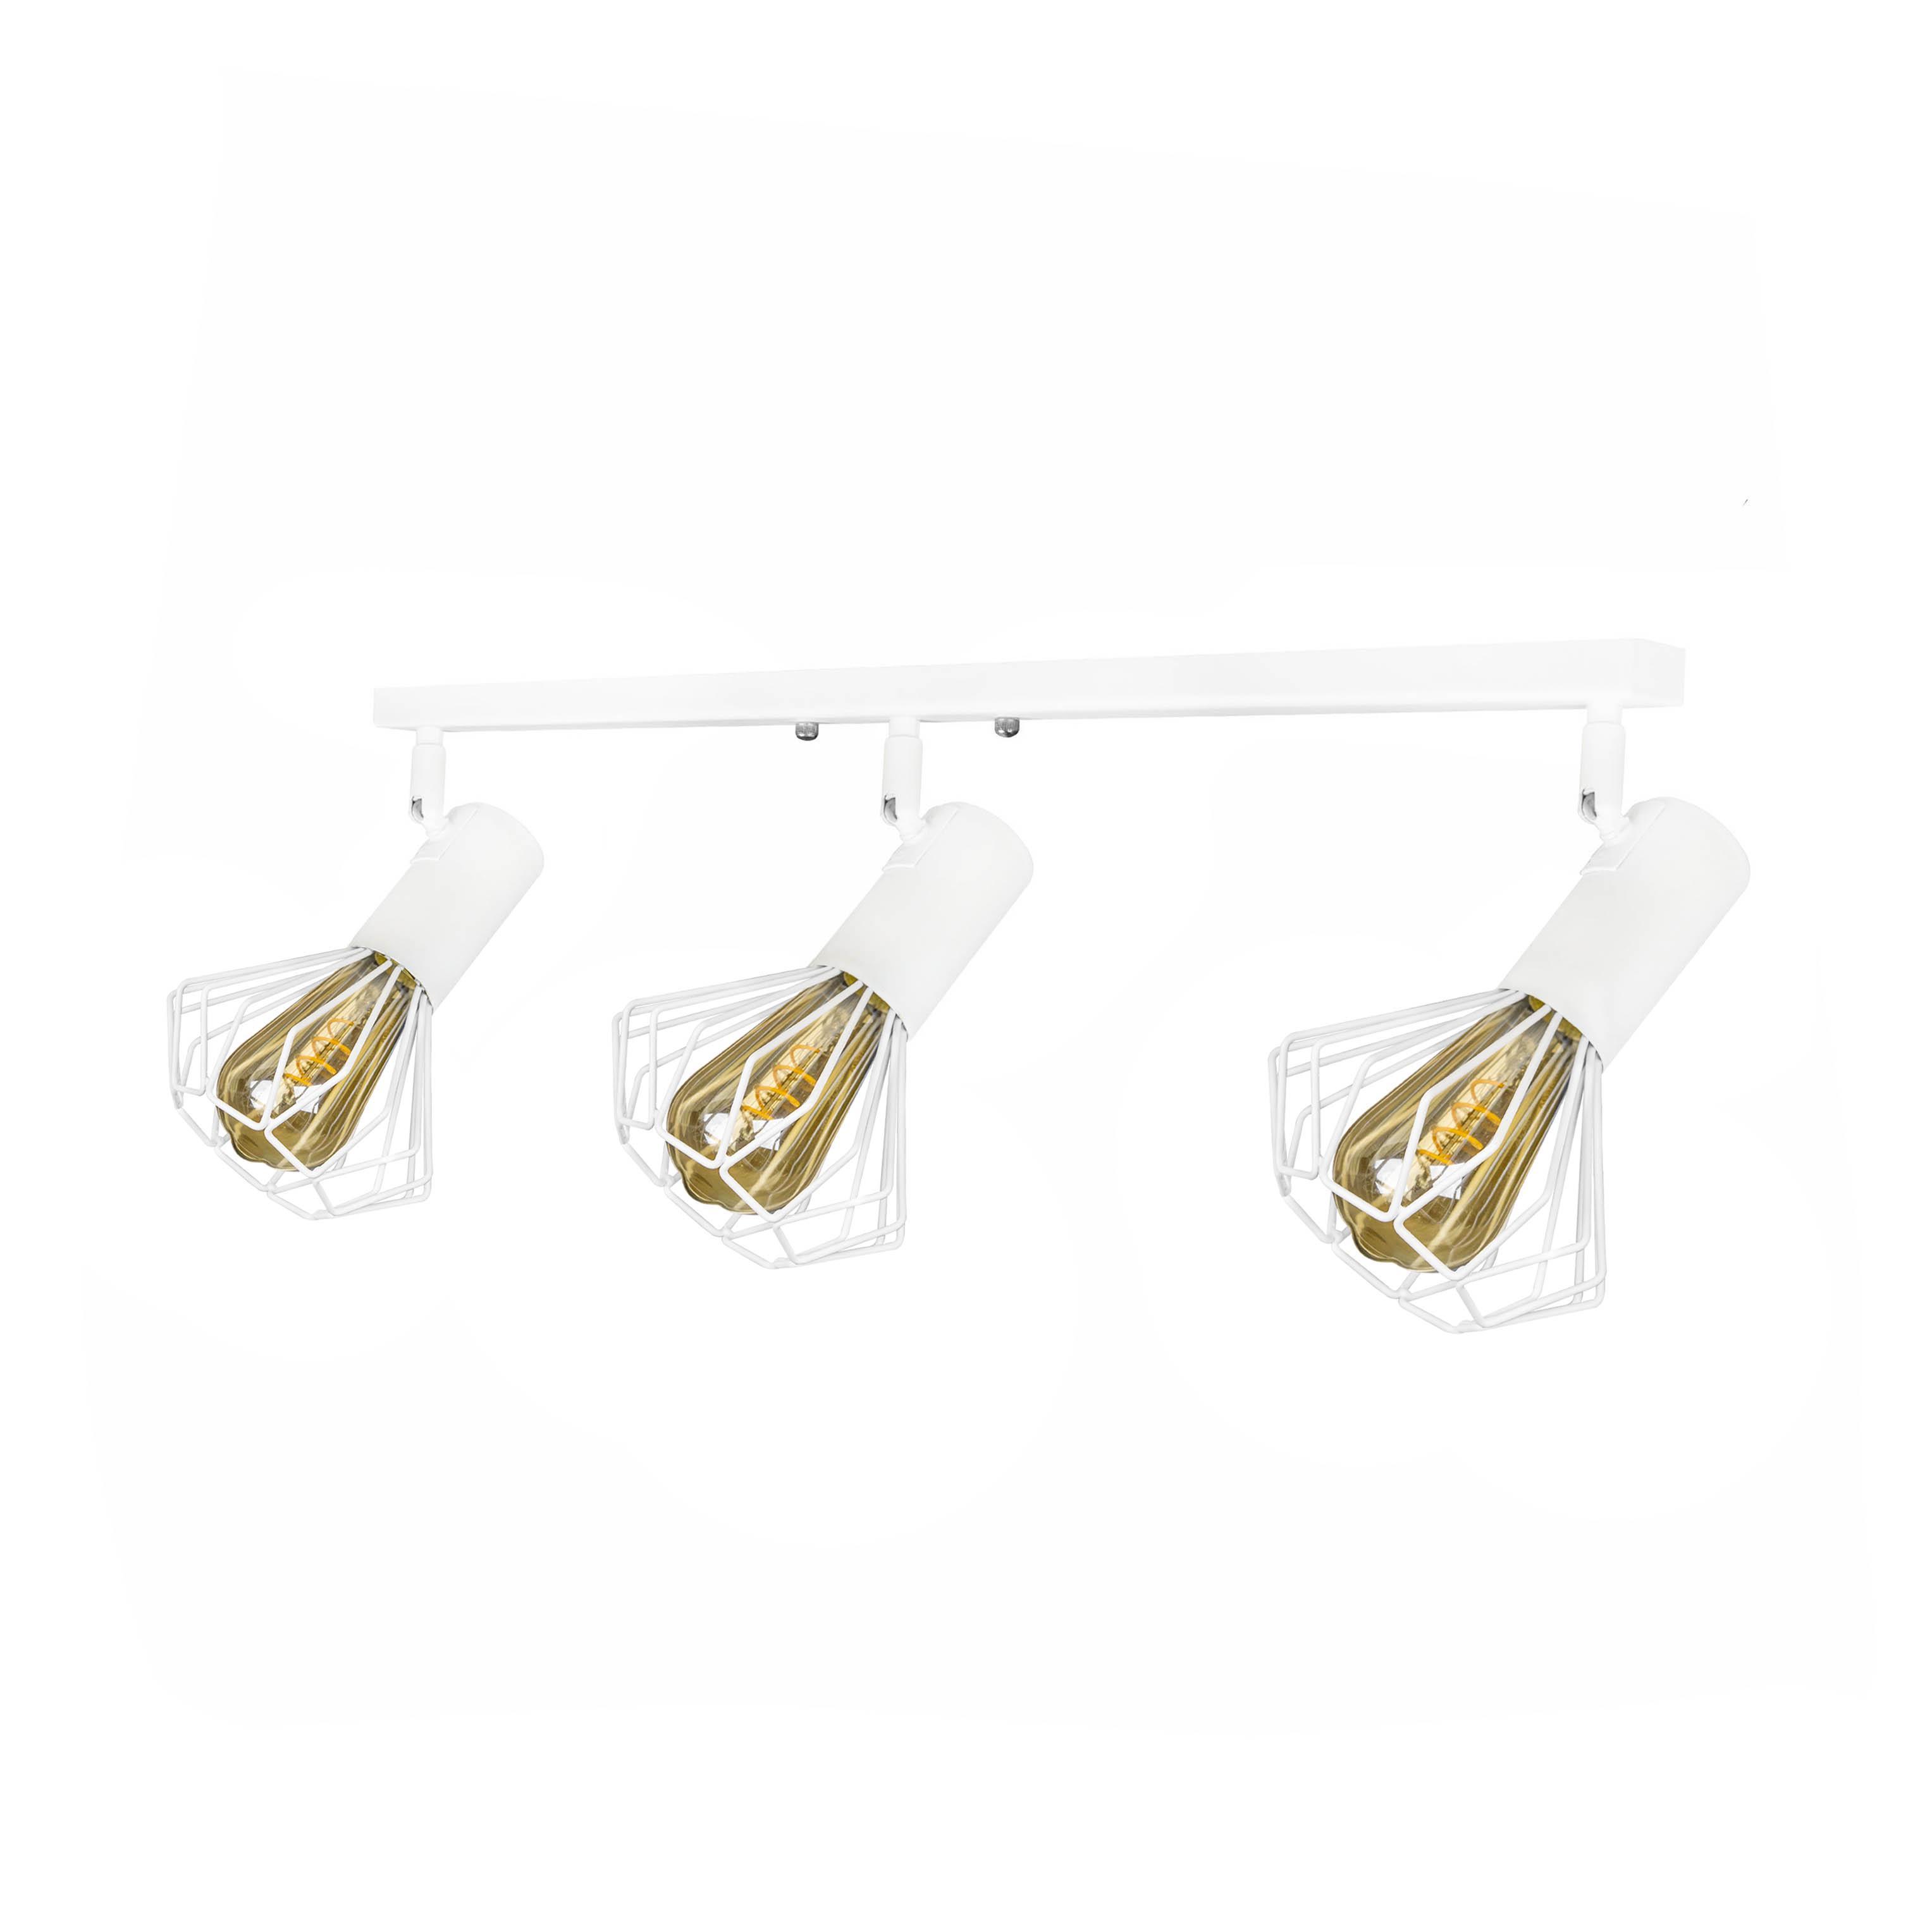 Світильник лофт MSK Electric Diadem настінно-стельовий NL 22151-3W Білий